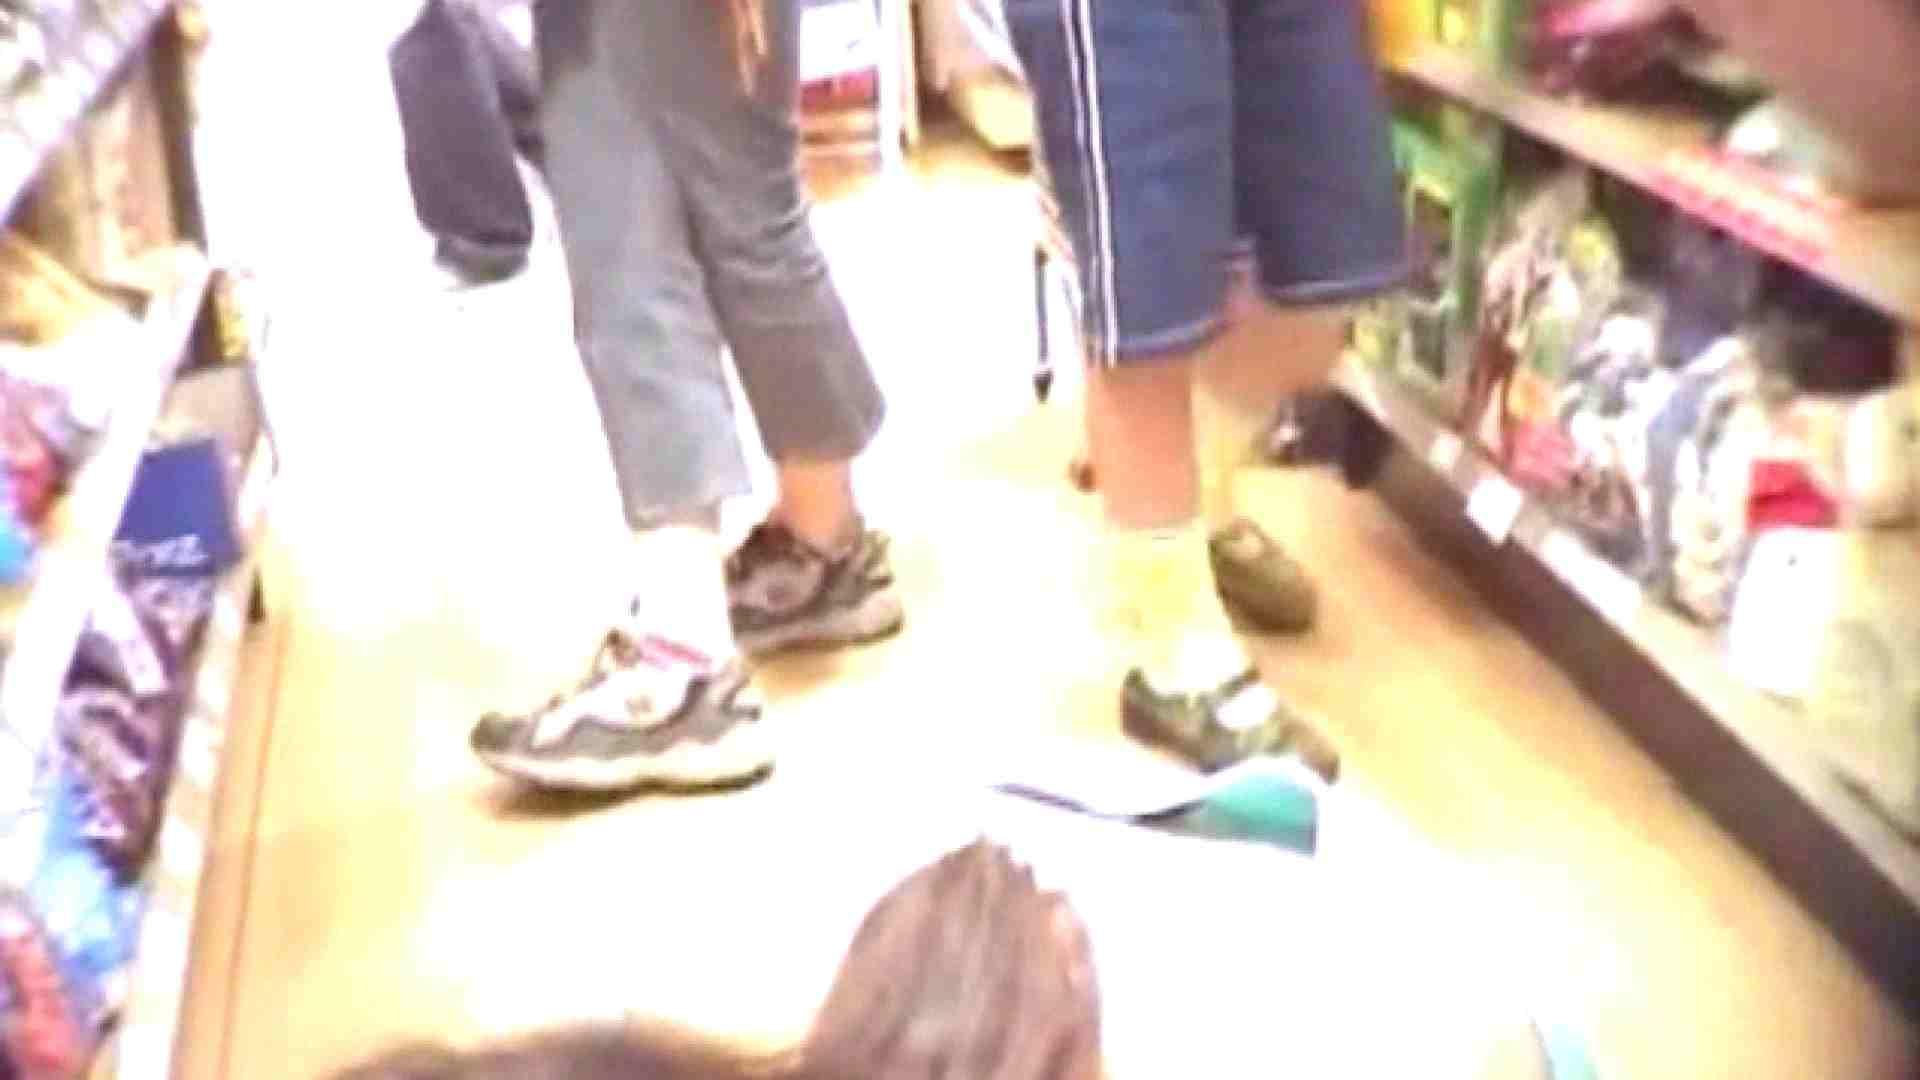 真剣に買い物中のgal達を上から下から狙います。vol.02 OLのエッチ 盗撮動画紹介 63pic 32